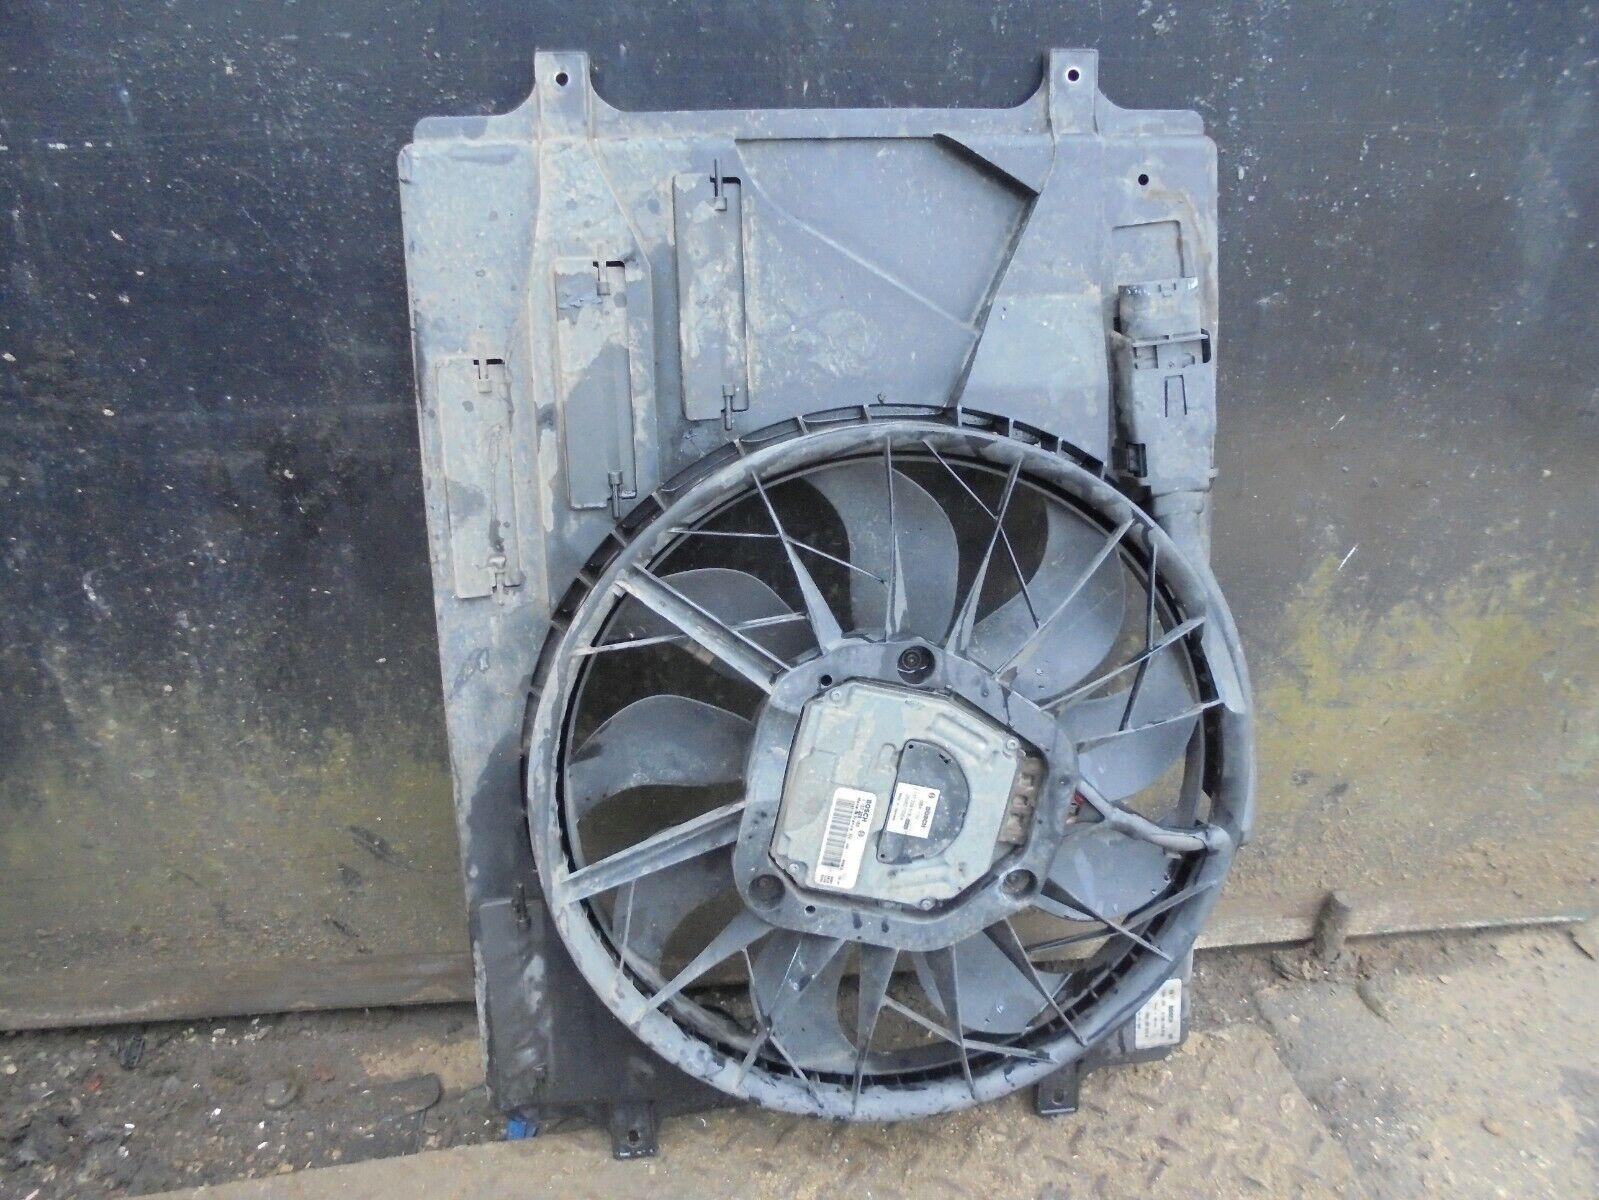 ford galaxy 1.9 tdi - radiator fan